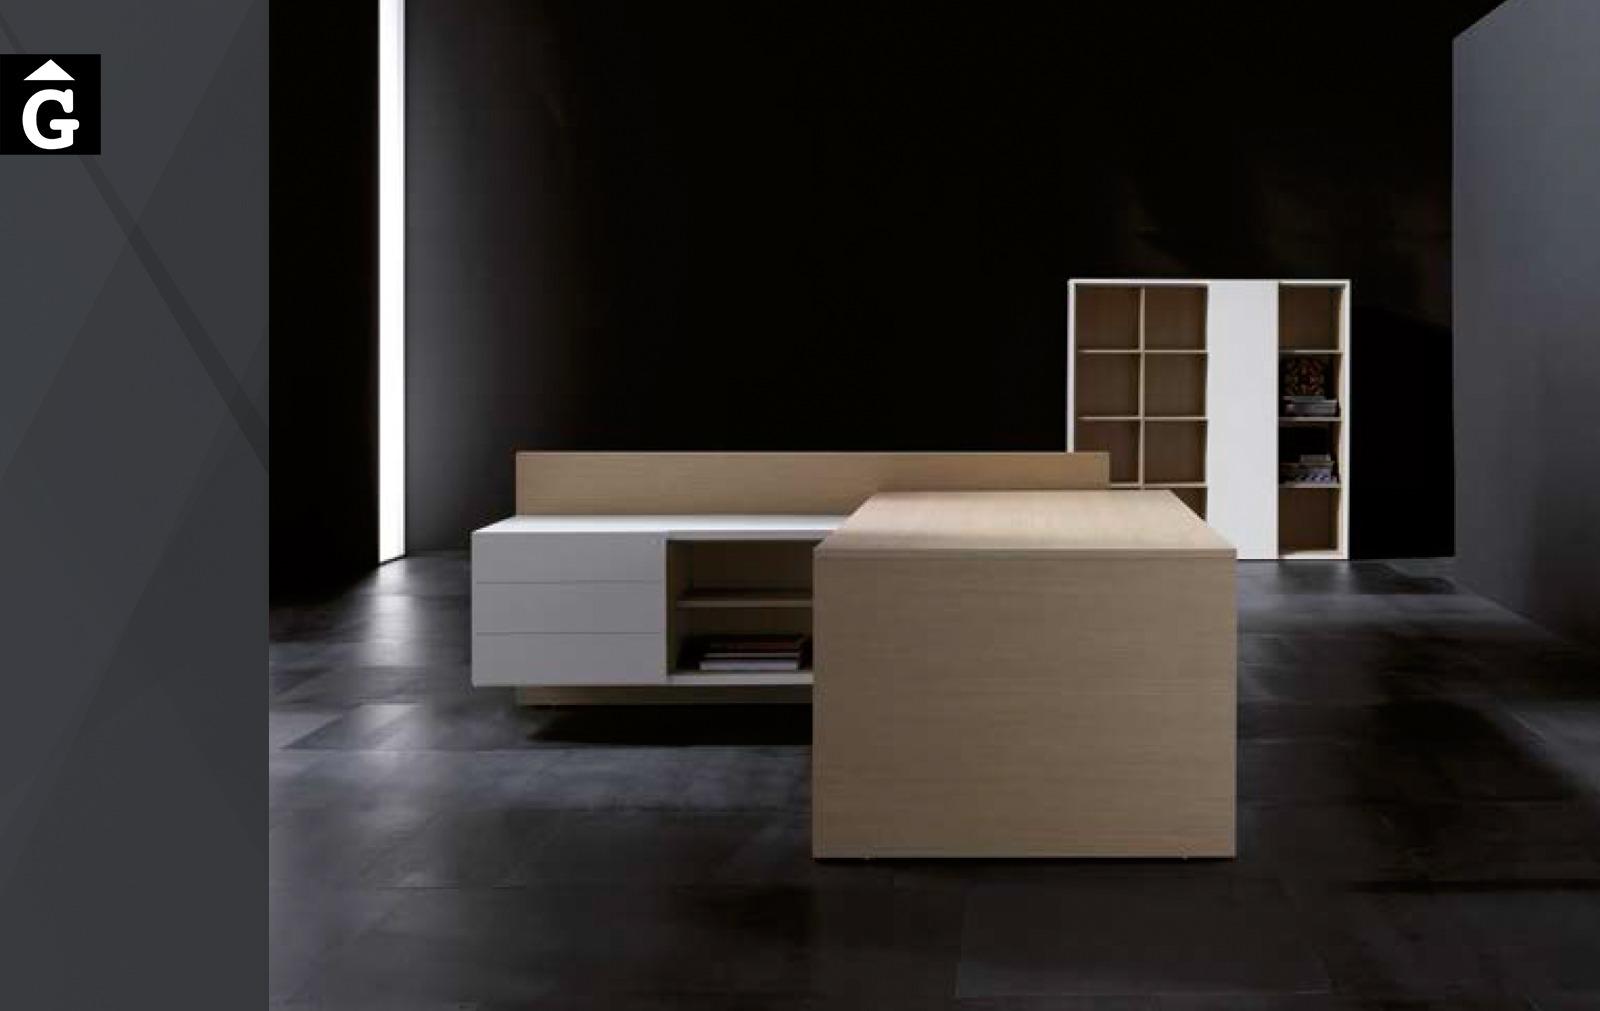 Taula despatx executiu Vektor xapa fusta natural | Forma 5 | mobiliari d'oficina molt interessant | mobles Gifreu | botiga | Contract | Mobles nous d'oficina